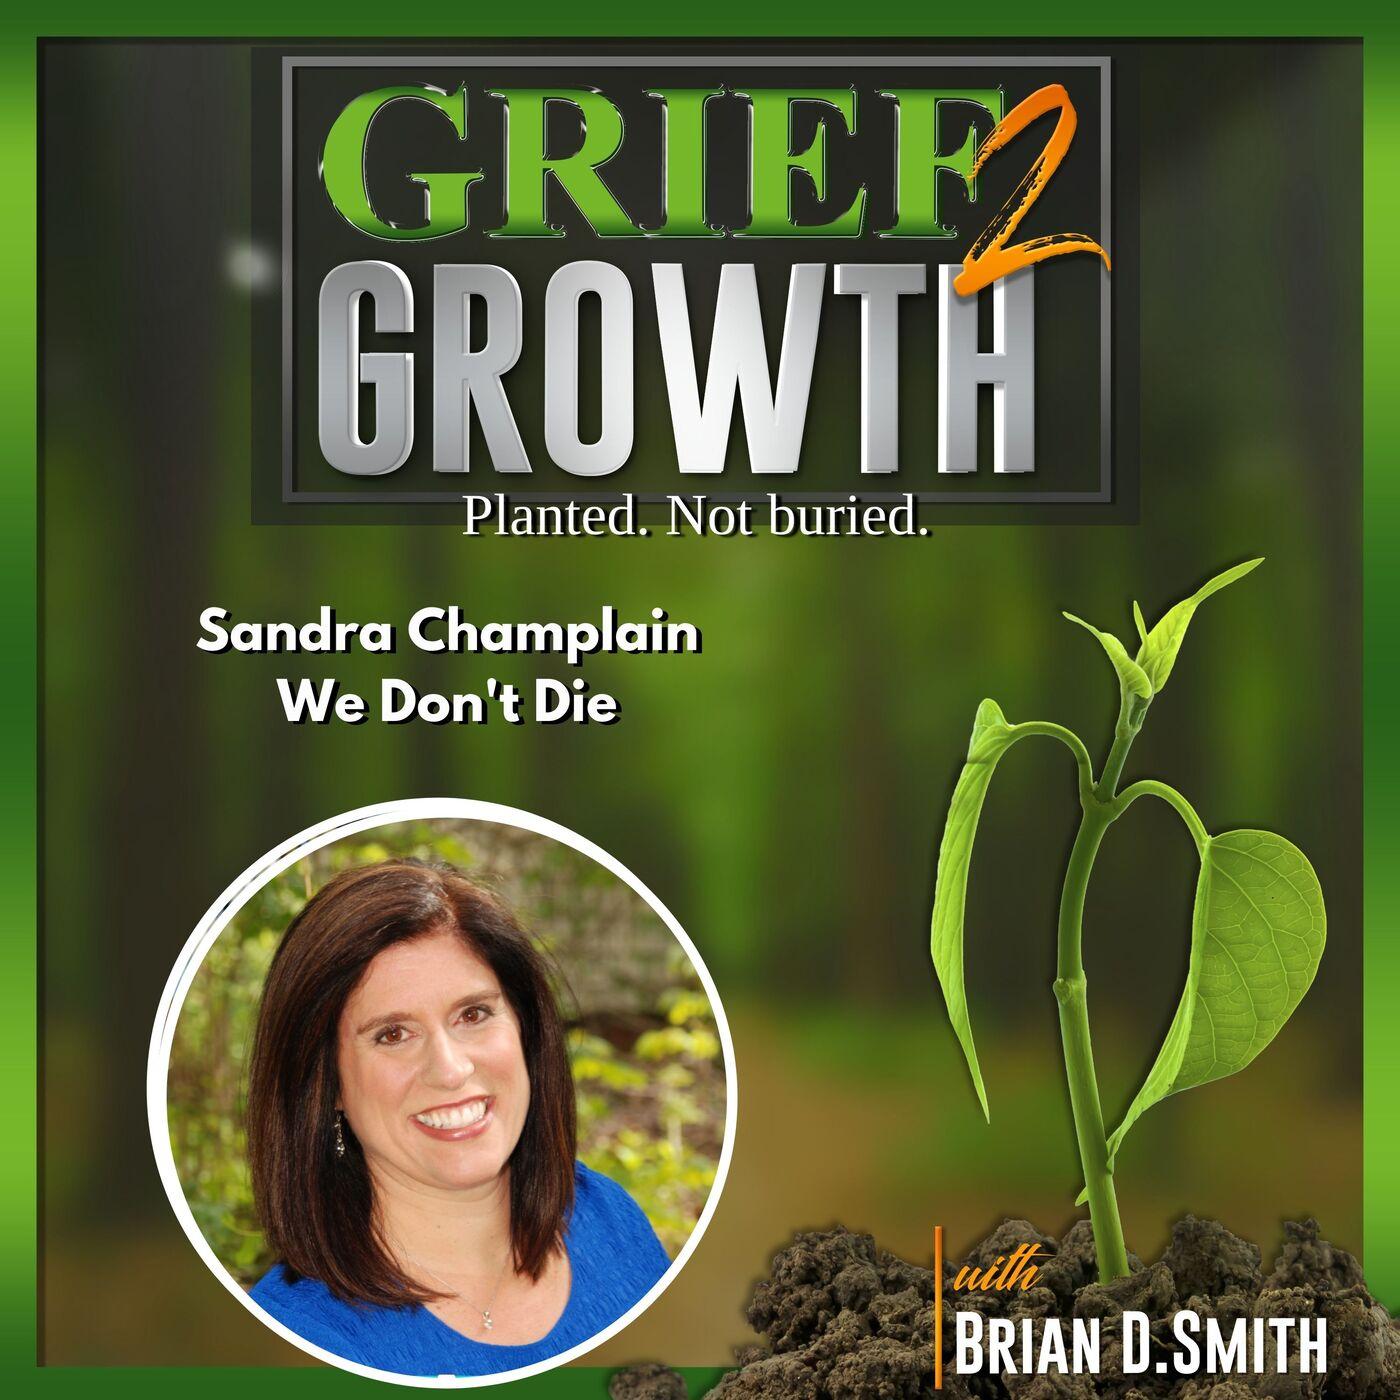 Sandra Champlain- We Don't Die